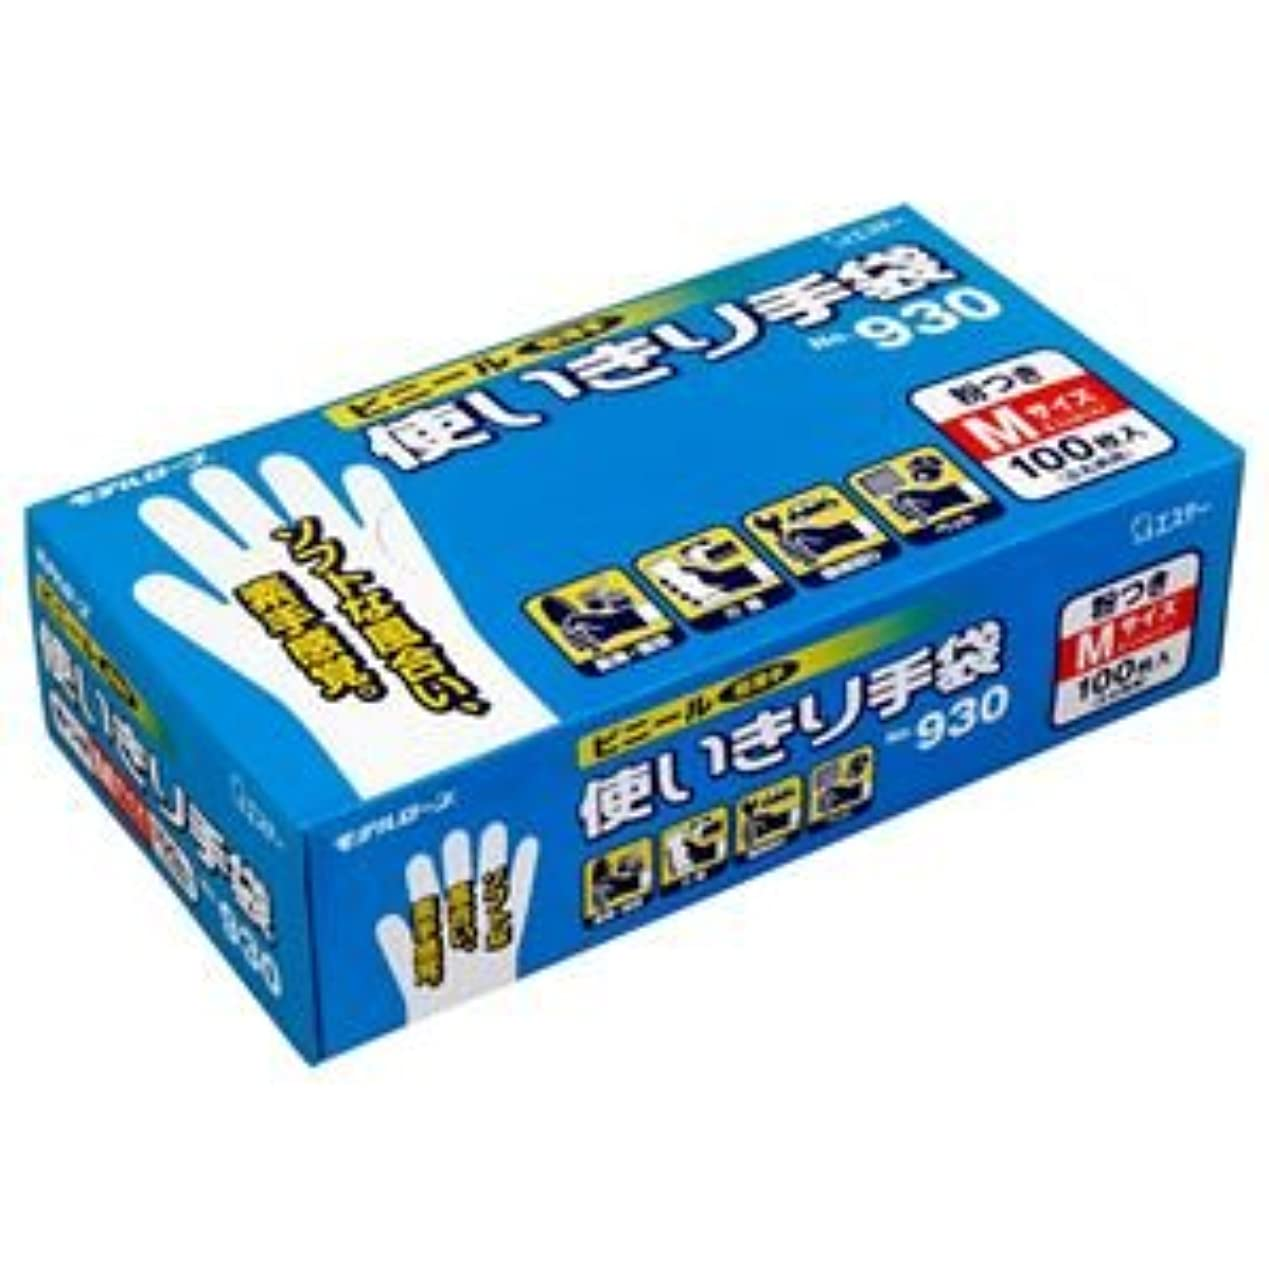 滅多報いるあいにく(まとめ) エステー No.930 ビニール使いきり手袋(粉付) M 1箱(100枚) 【×5セット】